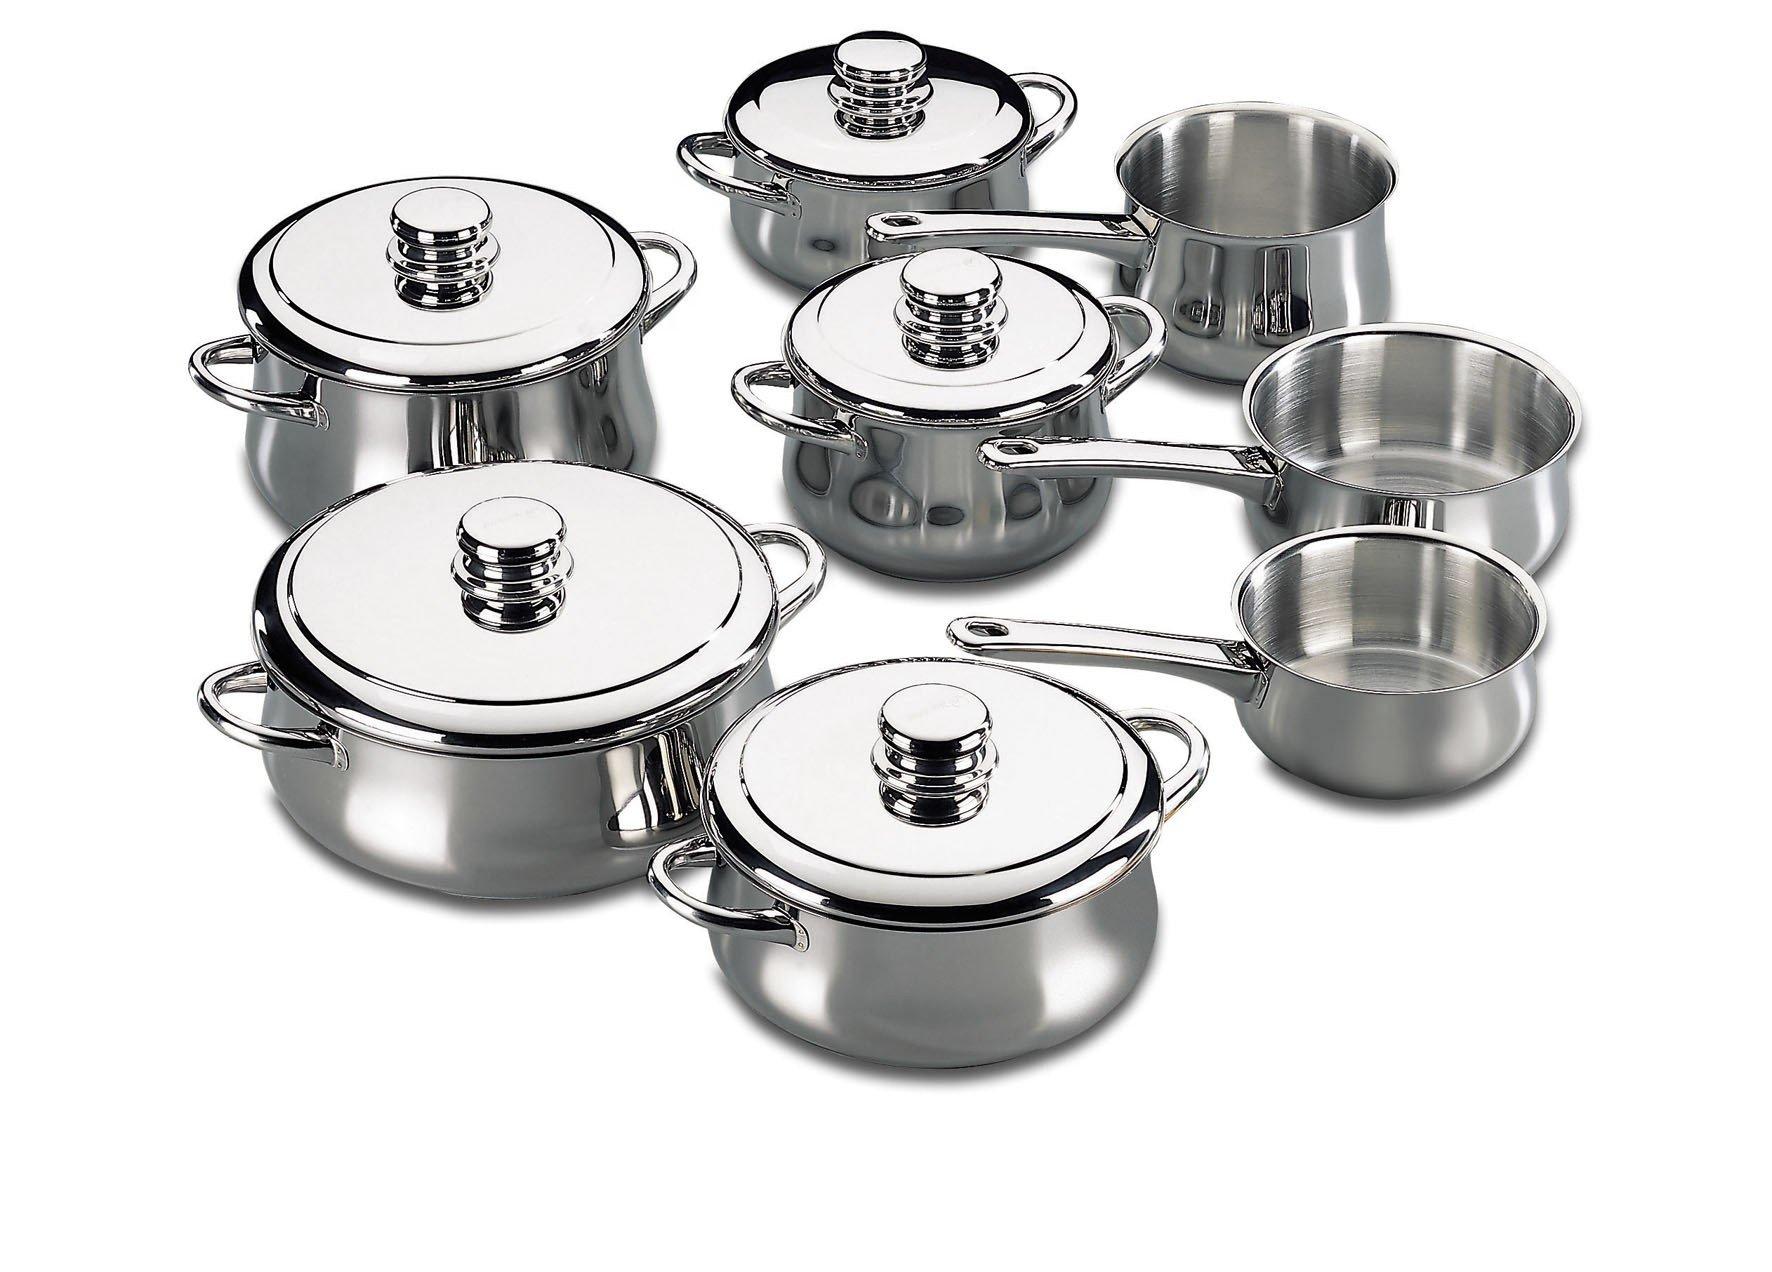 Bateria de cocina fagor pae silver fagor 978010194 for Iber baterias de cocina